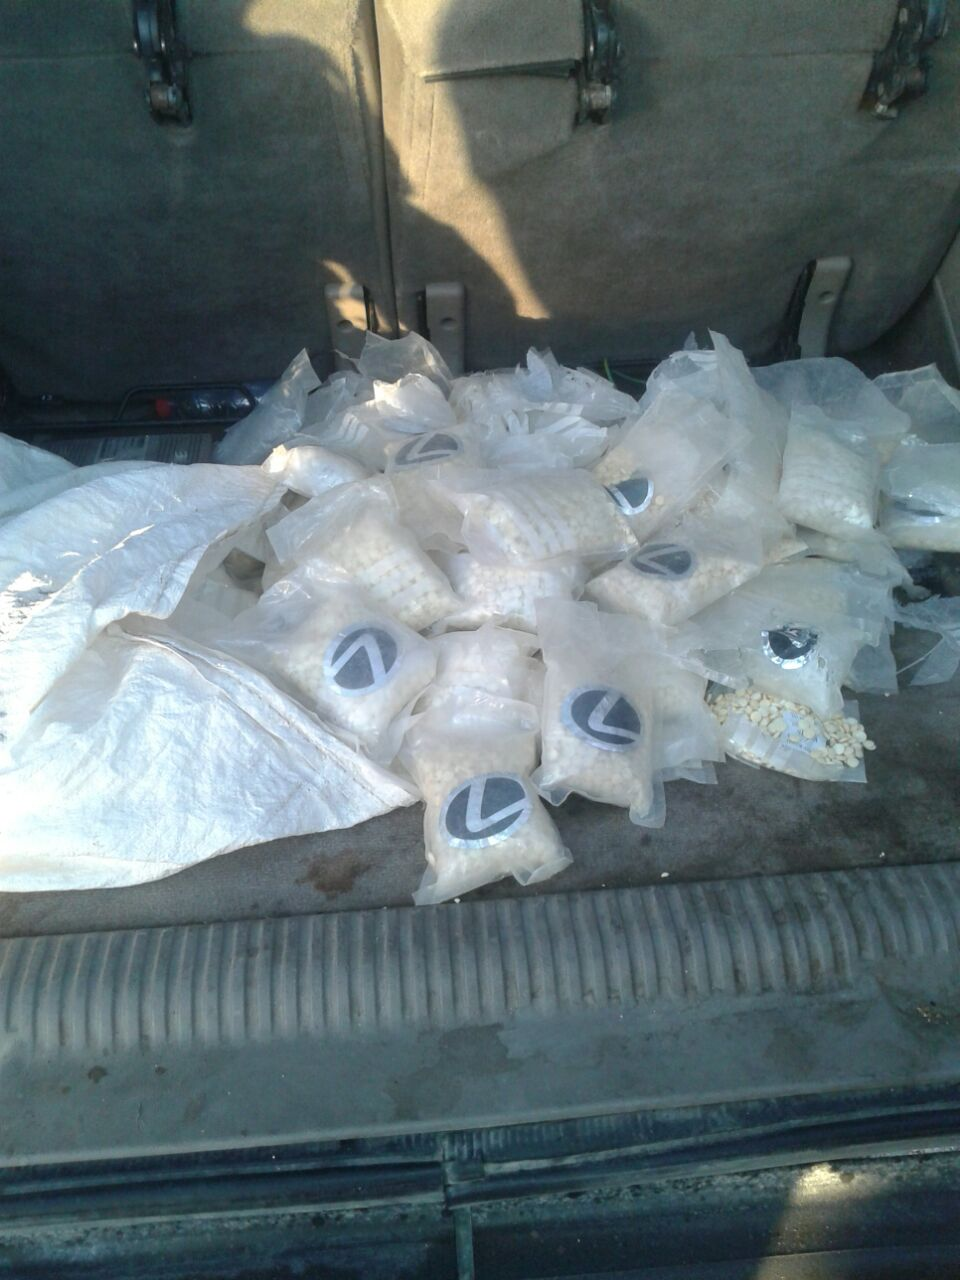 بالصور .. إحباط تهريب ١٠٠ ألف حبة مخدرات بمطاردة امنية على  الطريق الصحراوي